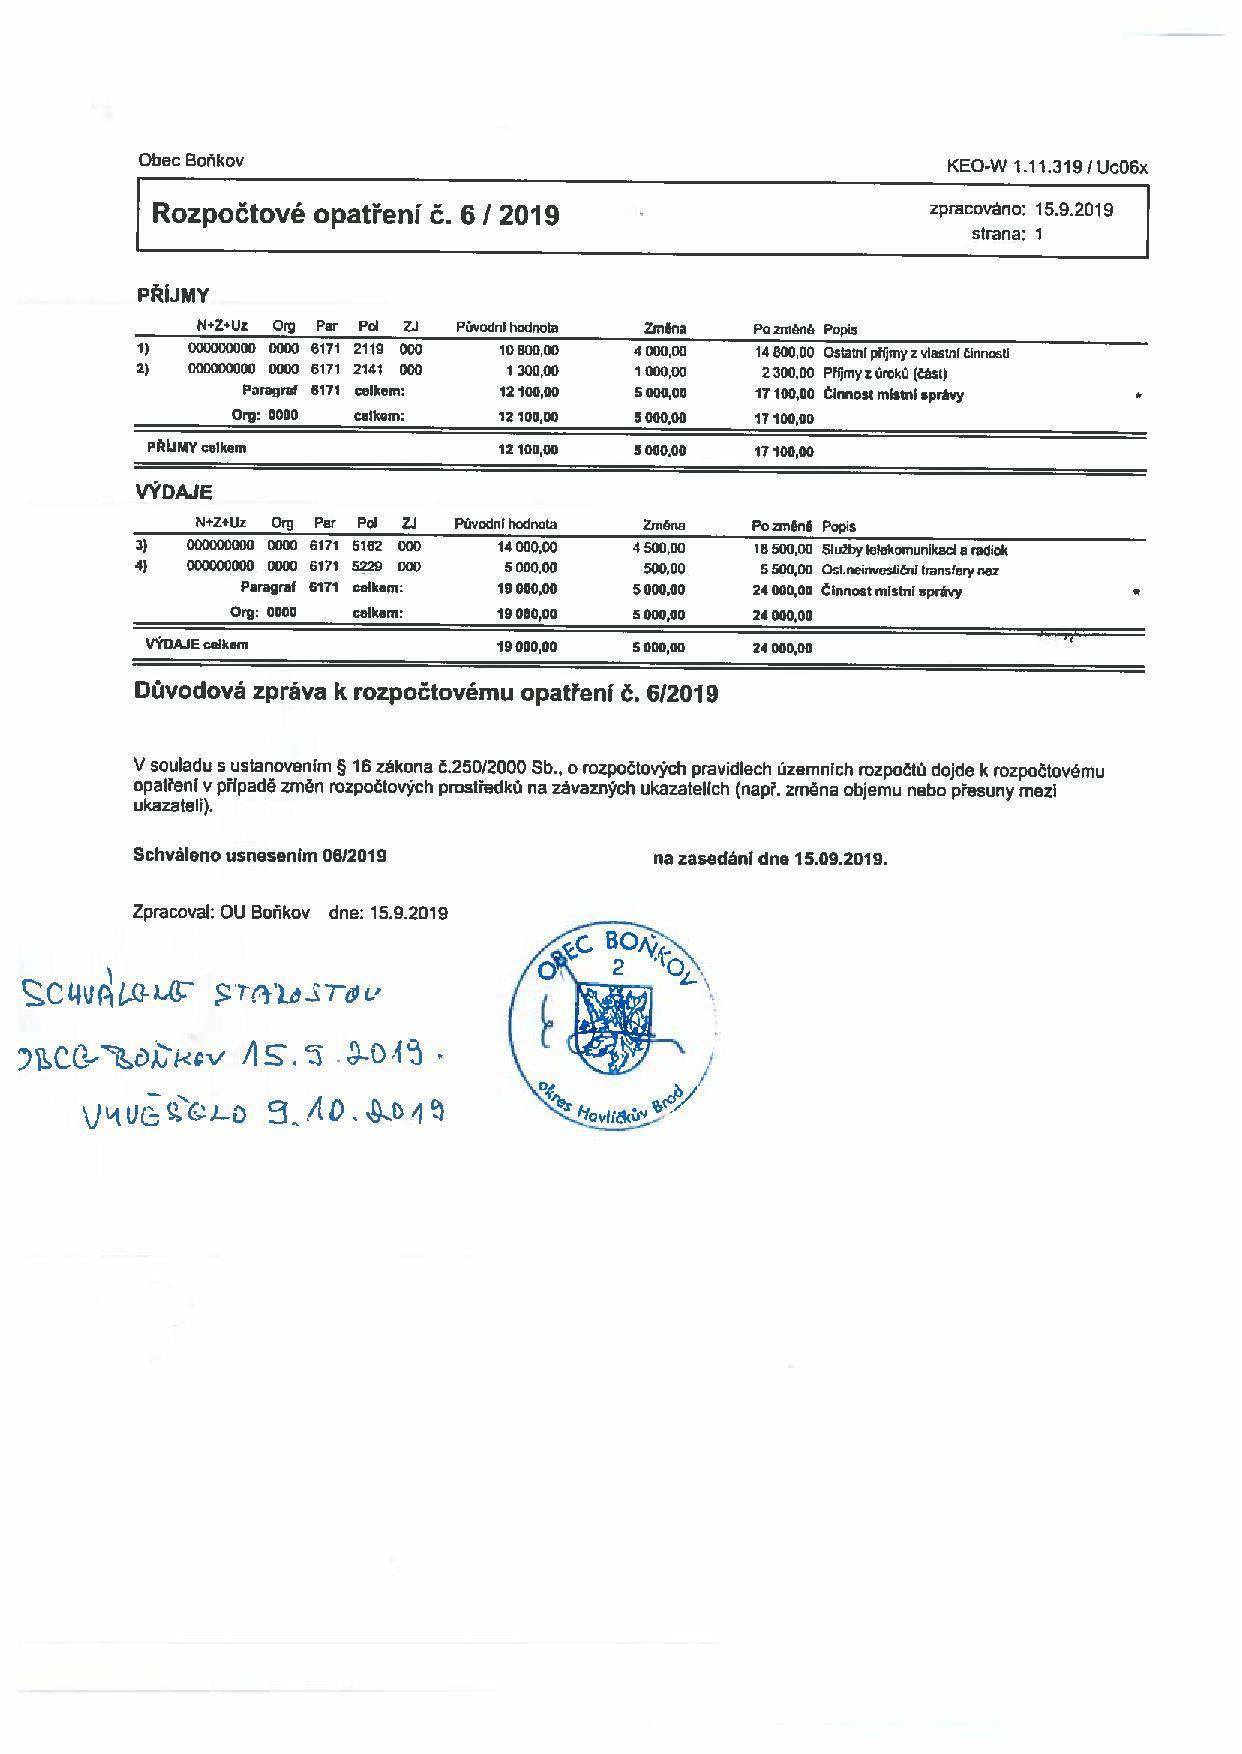 Rozpočtové opatření č.6/2019